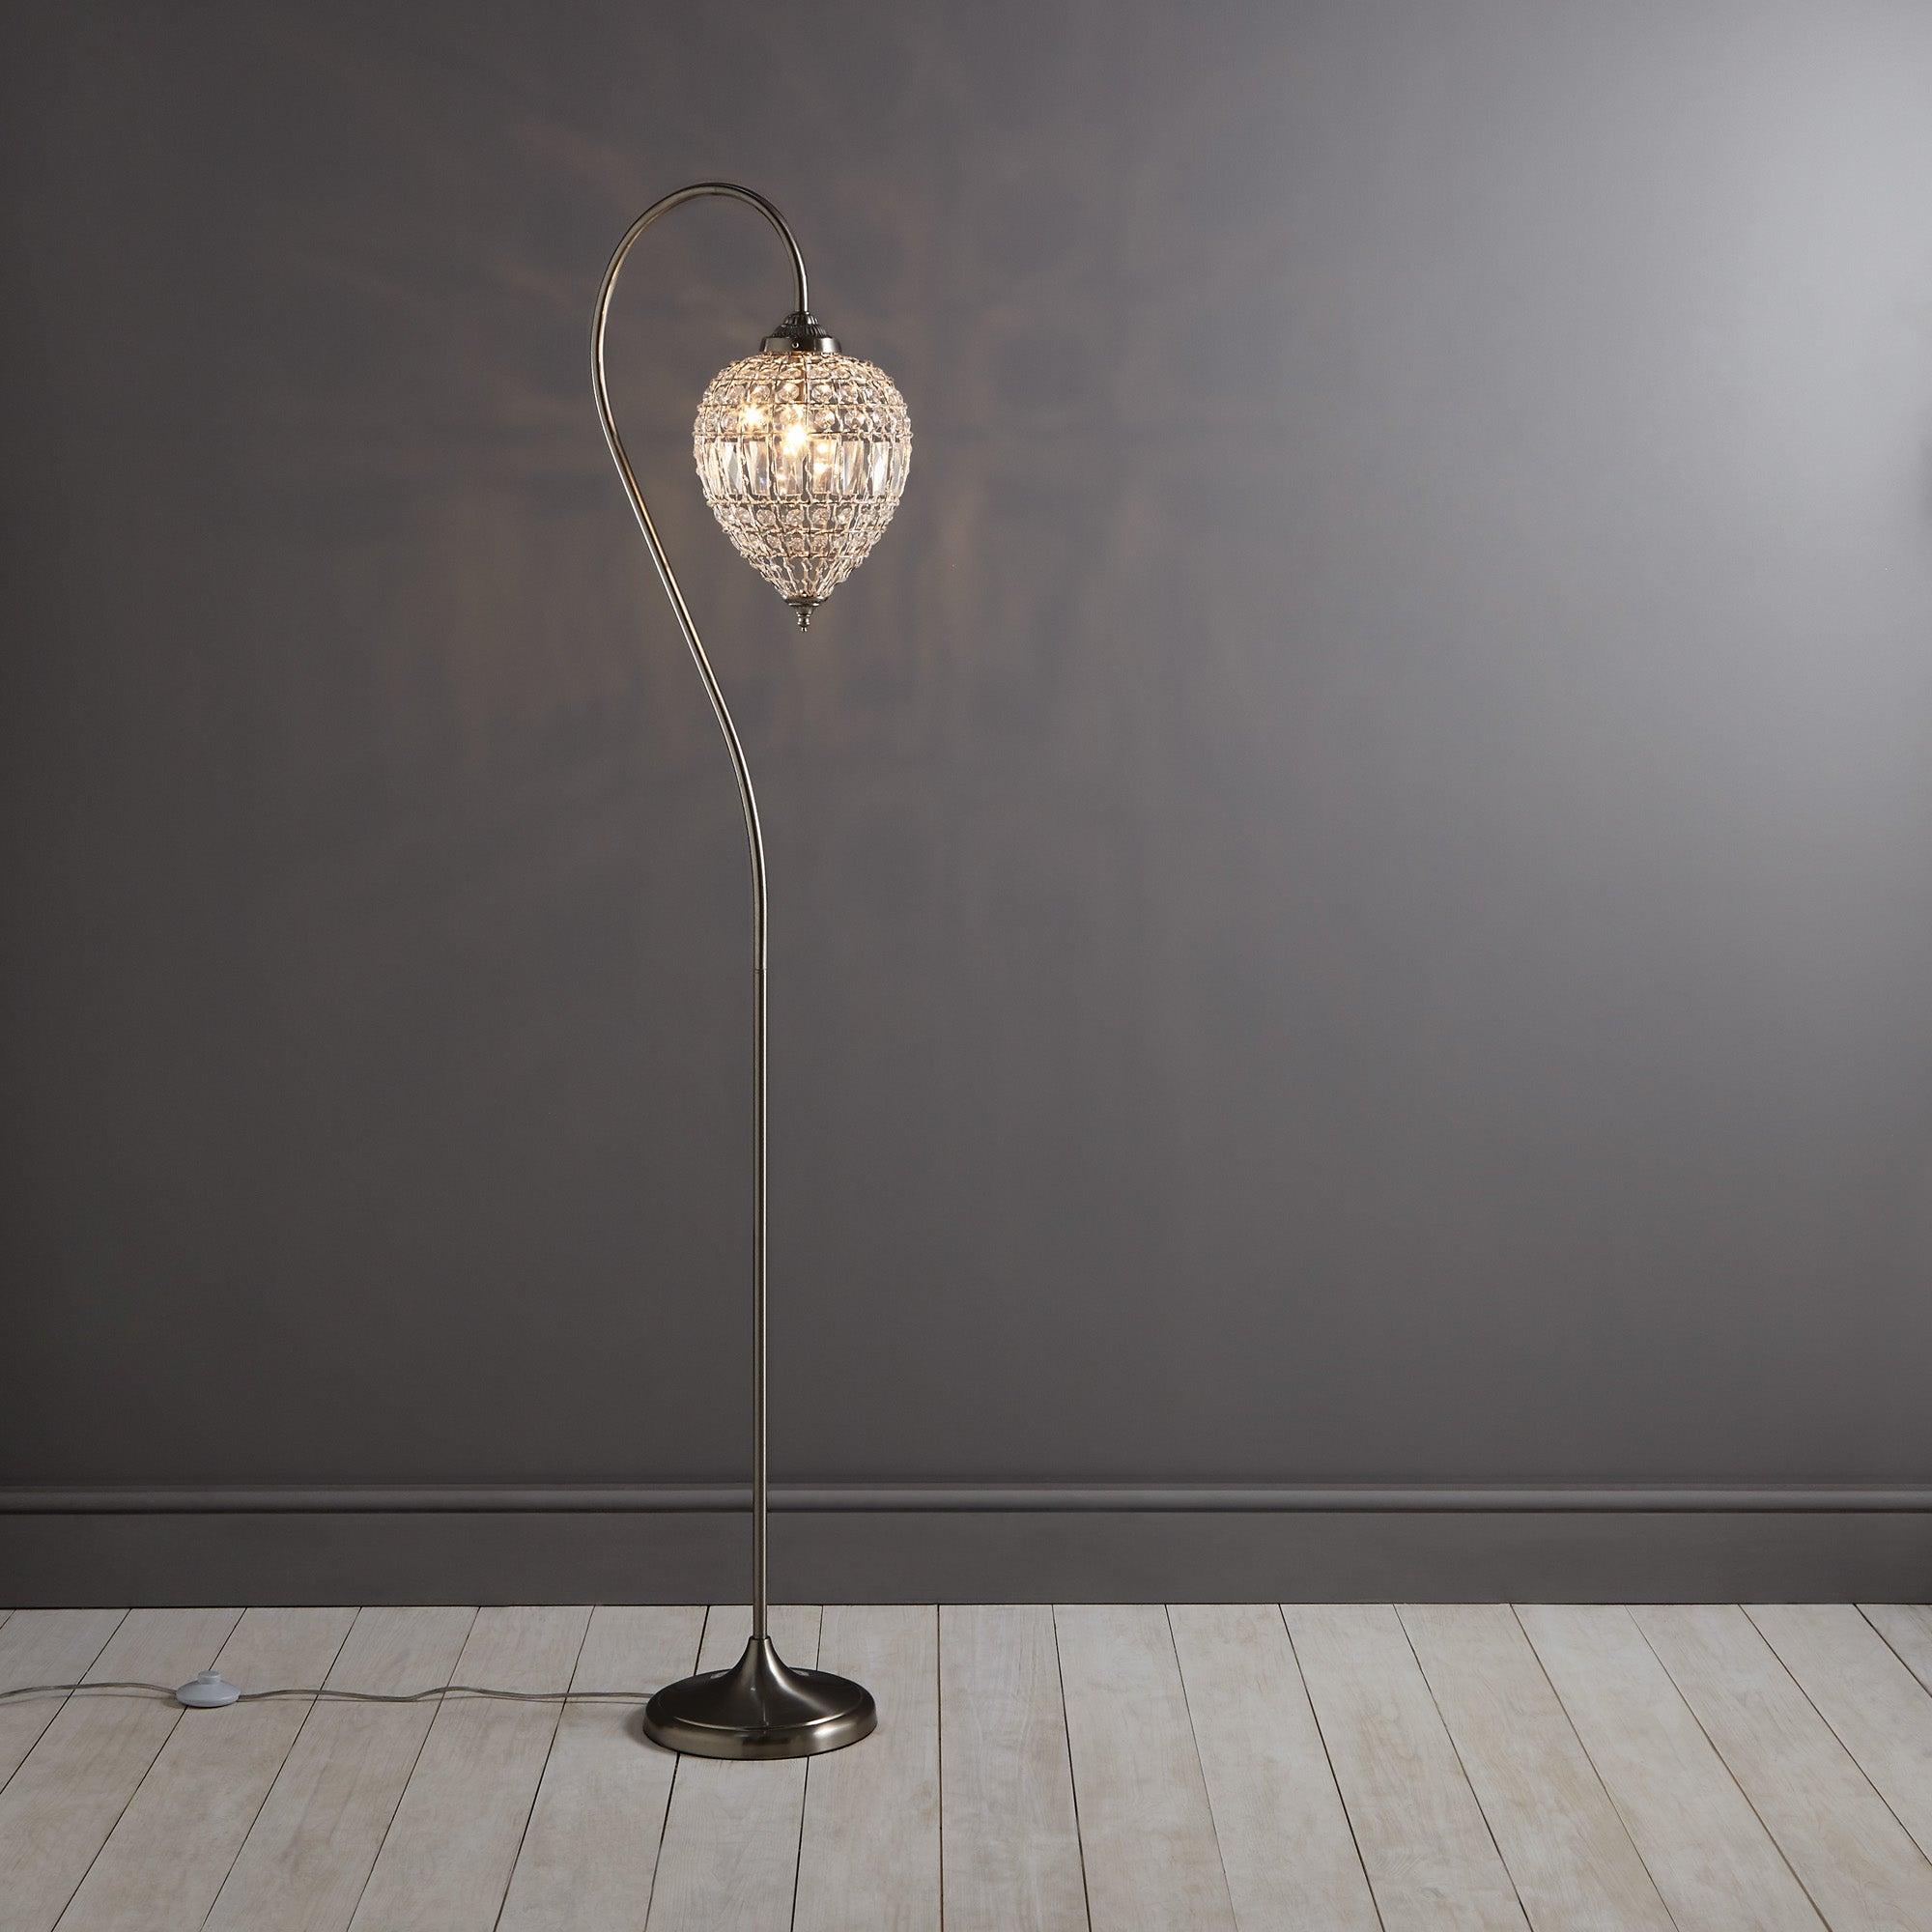 Image of Ennis Chrome Beaded Crystal Pendant Floor Lamp Chrome